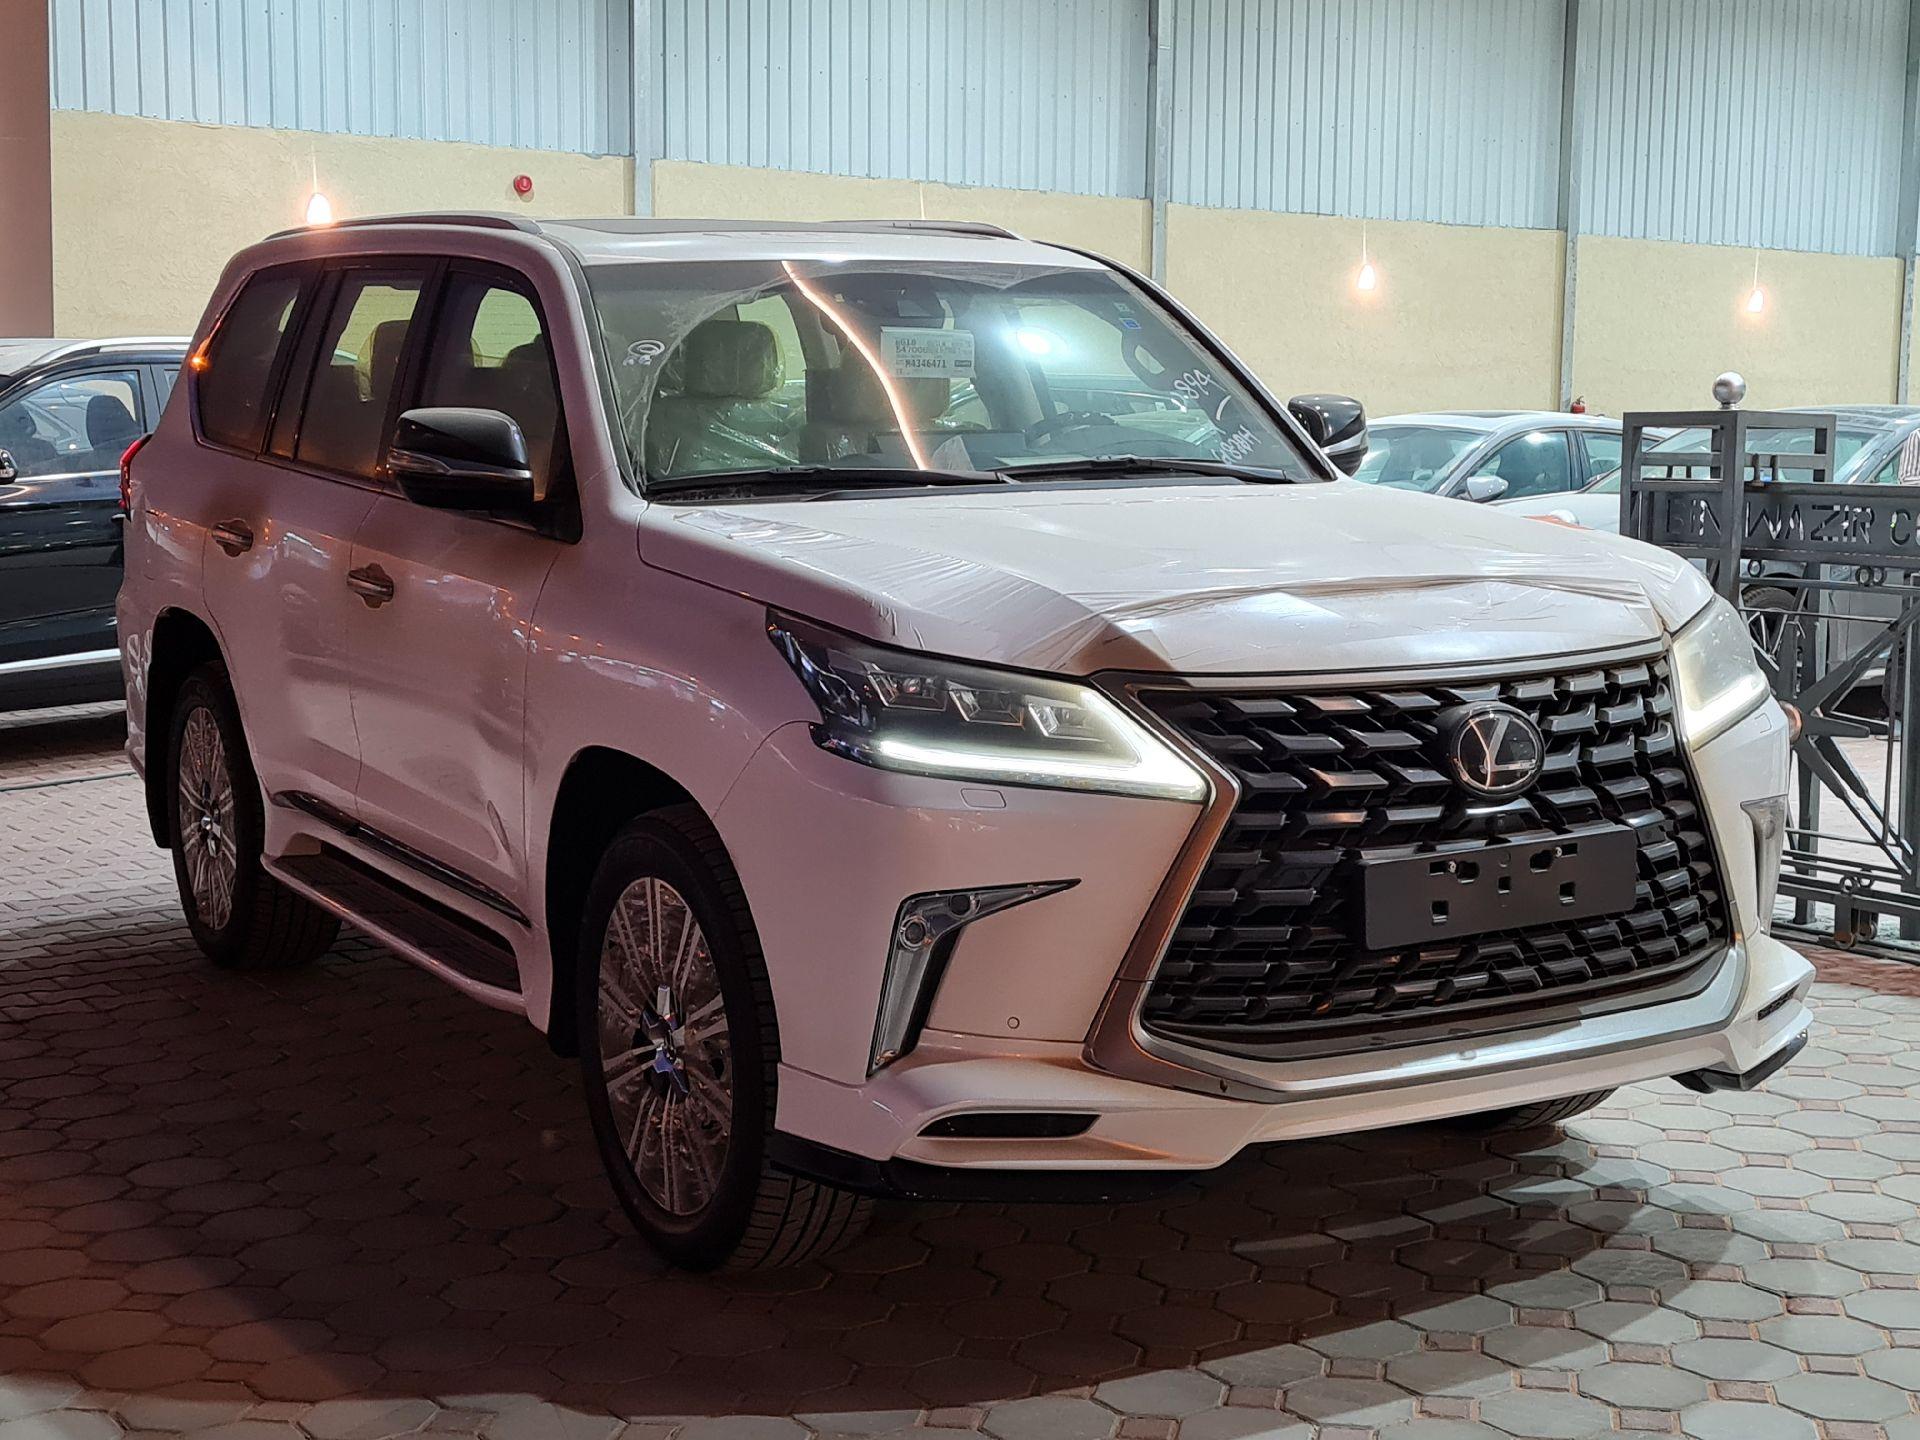 لكزس LX 570-S Sport فل 2021 دبل سعودي جديد للبيع في الرياض - السعودية - صورة كبيرة - 3